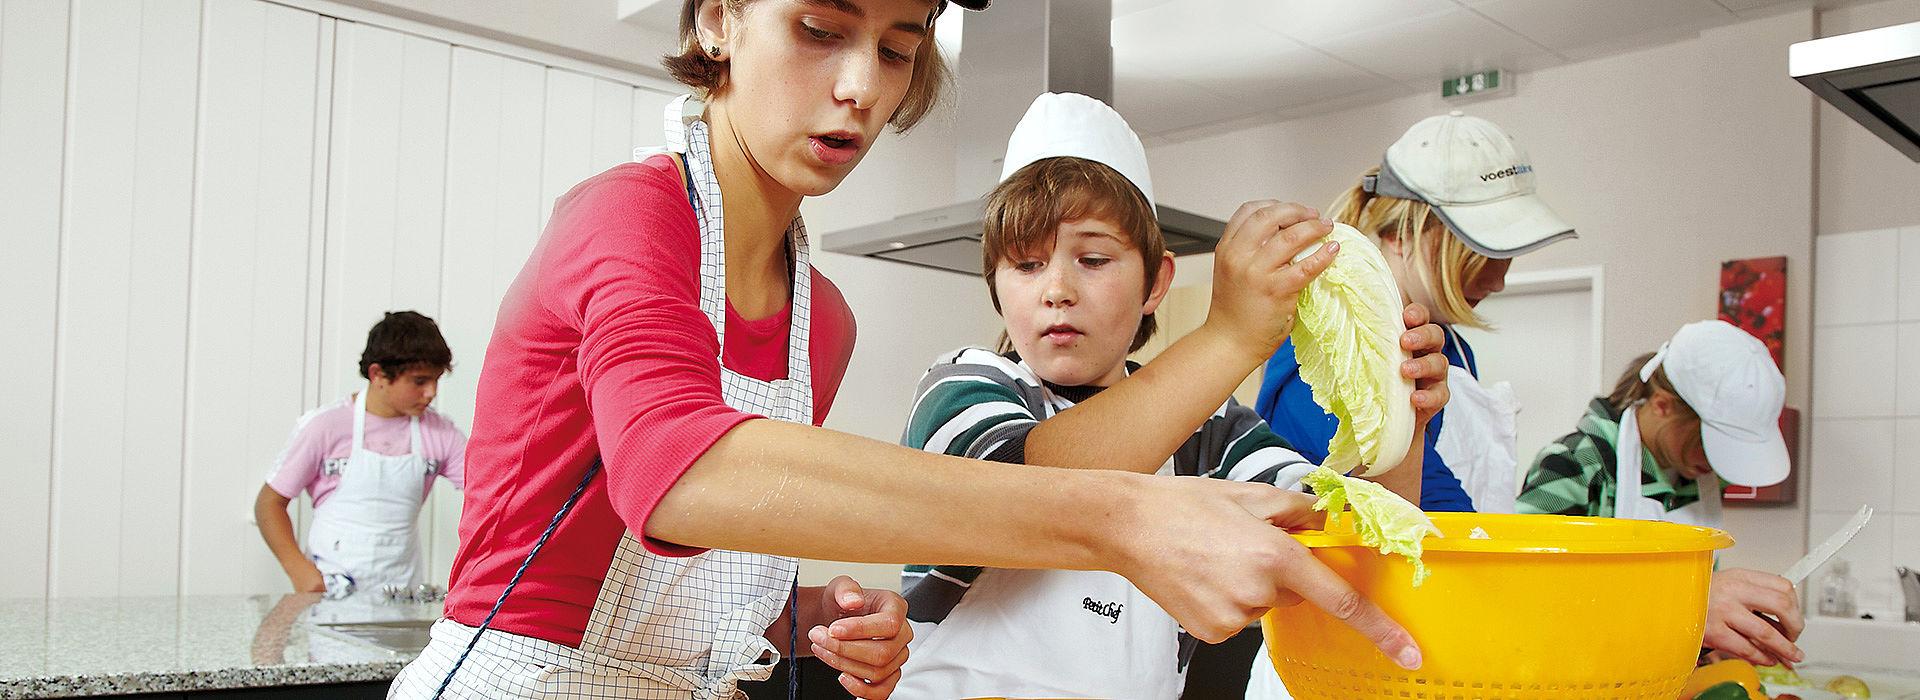 Ученики осваивают процесс приготовления пищи